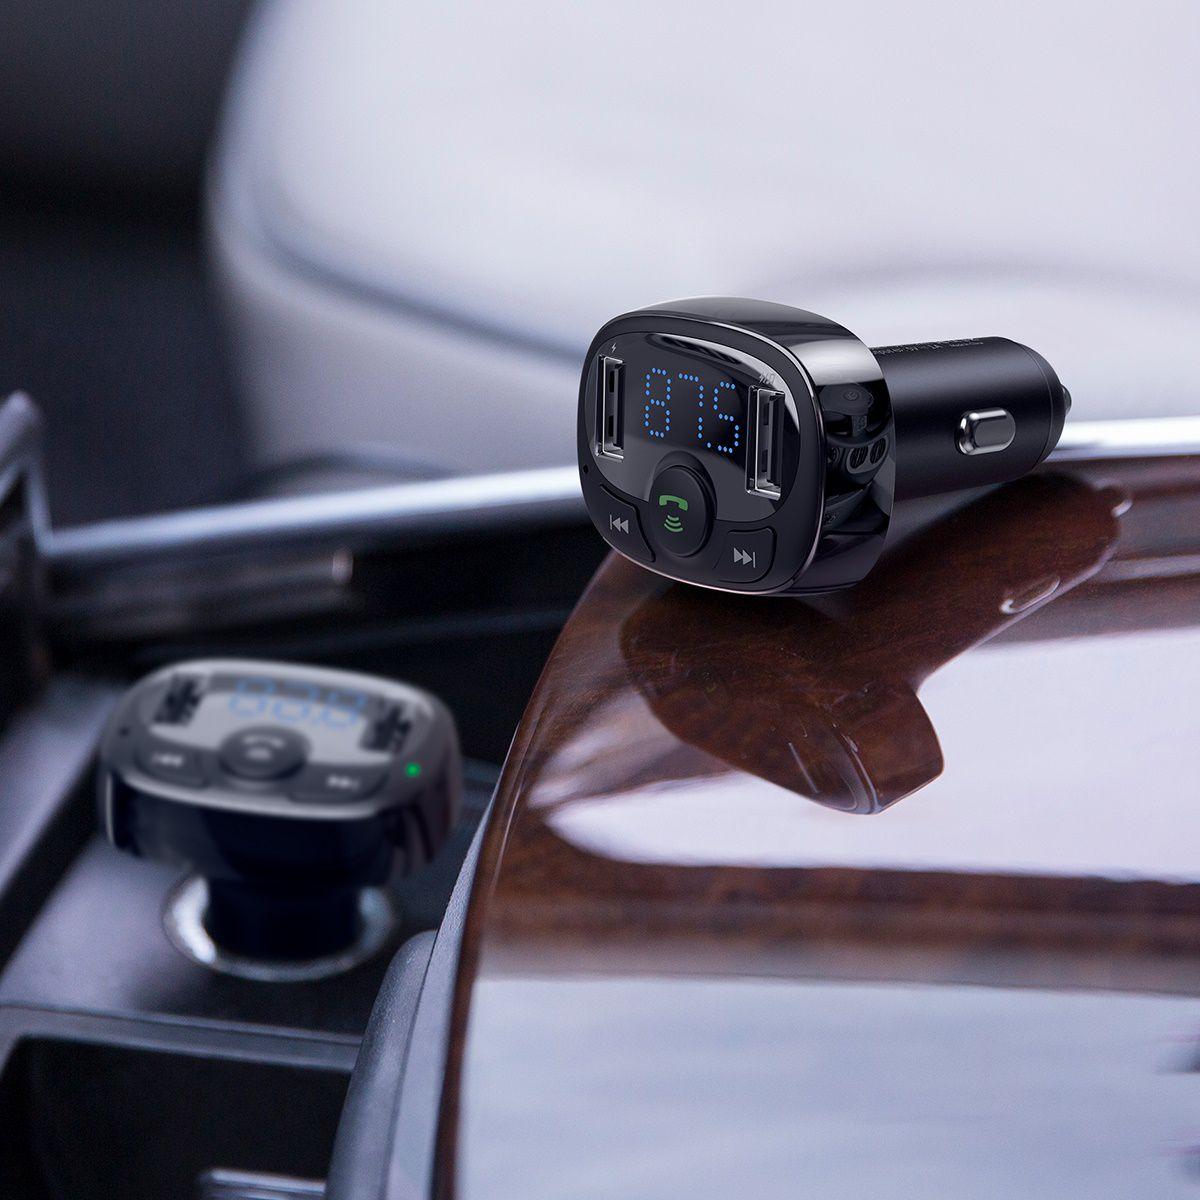 Carregador veicular Tipo T Baseus 2 USB com Transmissor FM, Bluetooth e MP3 (Versão Standard)